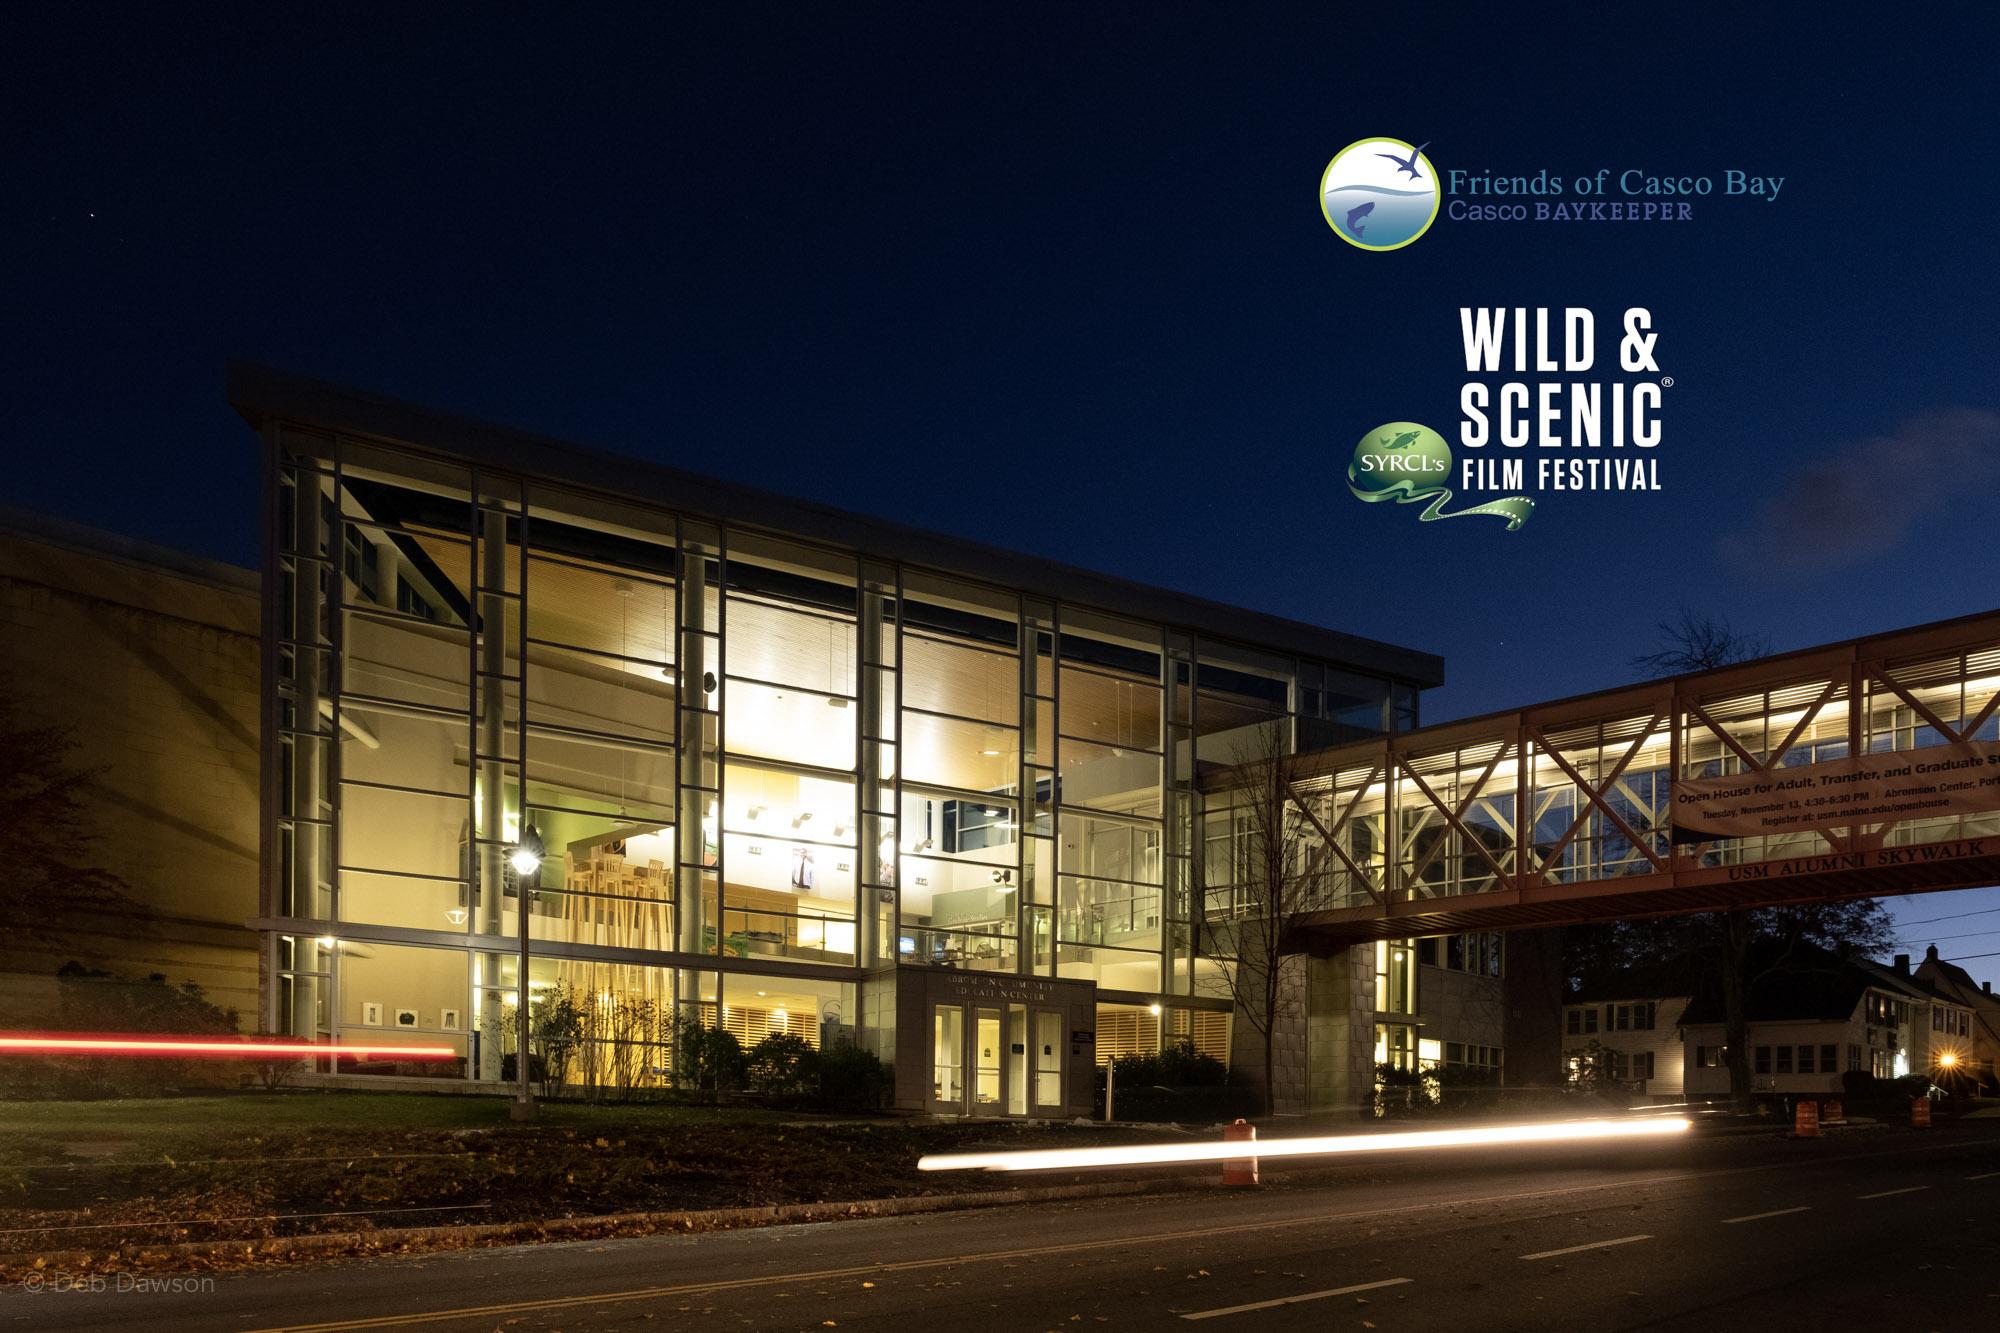 Wild and Scenic Film Festival • Friends of Casco Bay